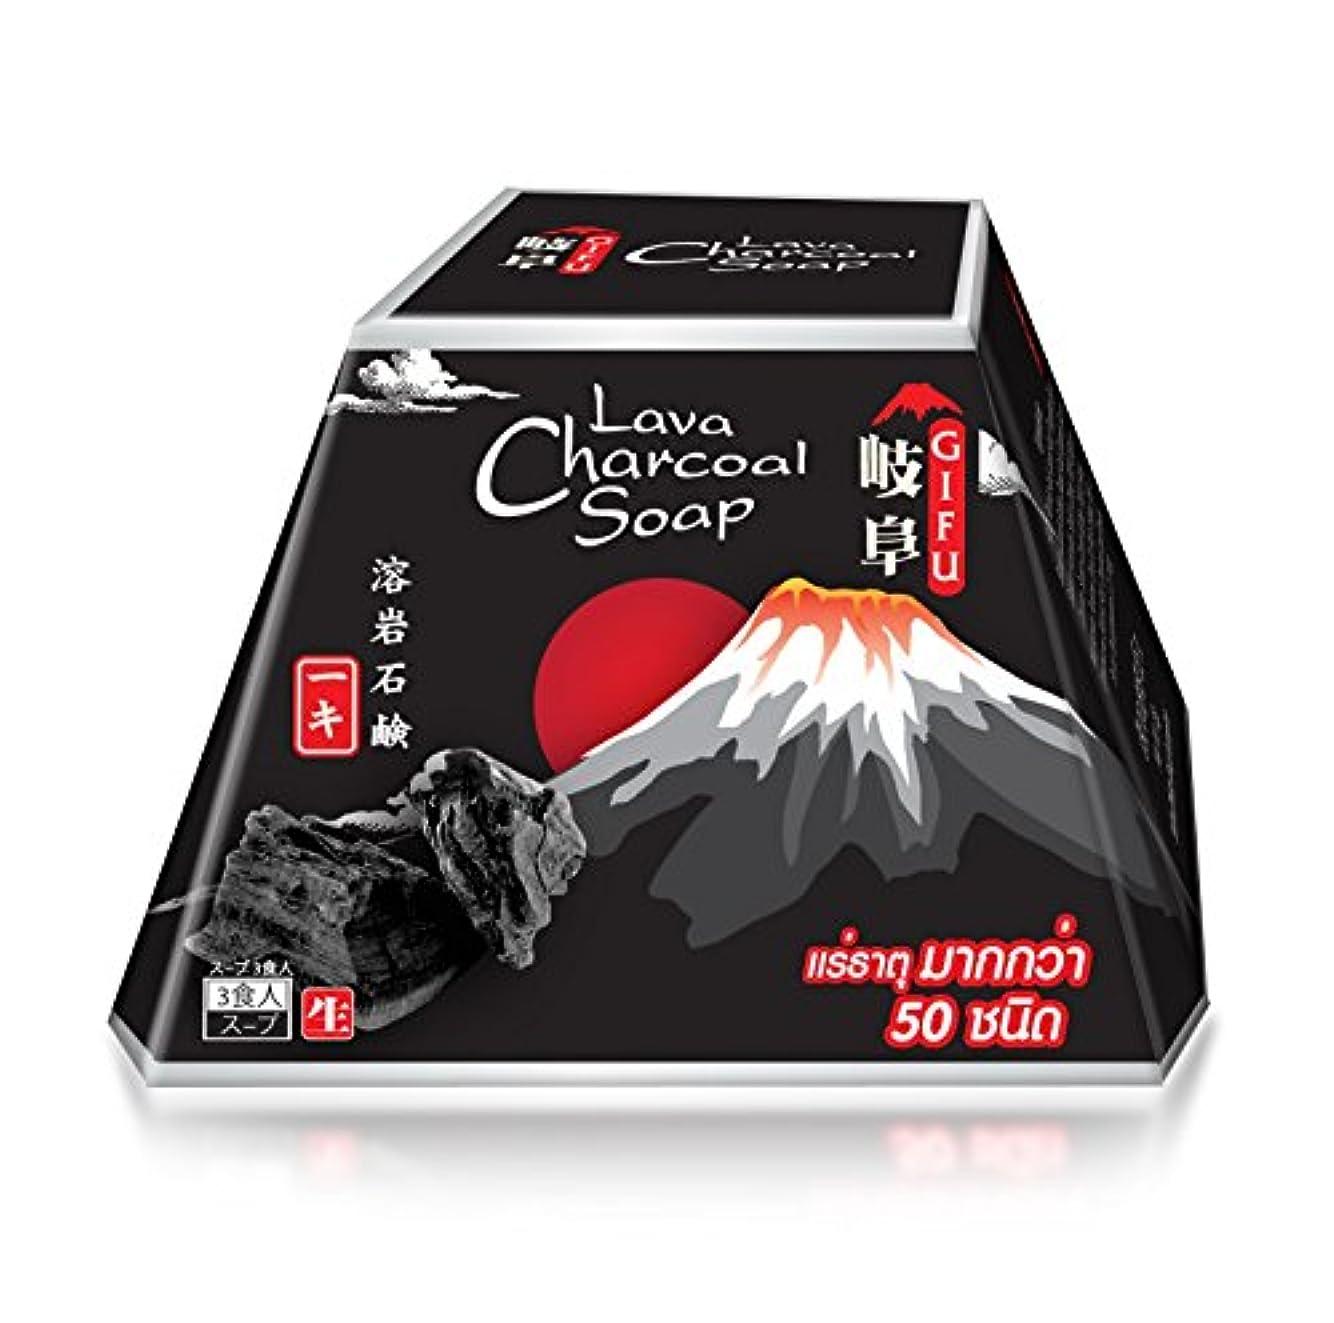 使い込む展示会スクラブOKI GIFU Lava Charcoal Soap 70g 溶岩炭石鹸 日本の溶岩